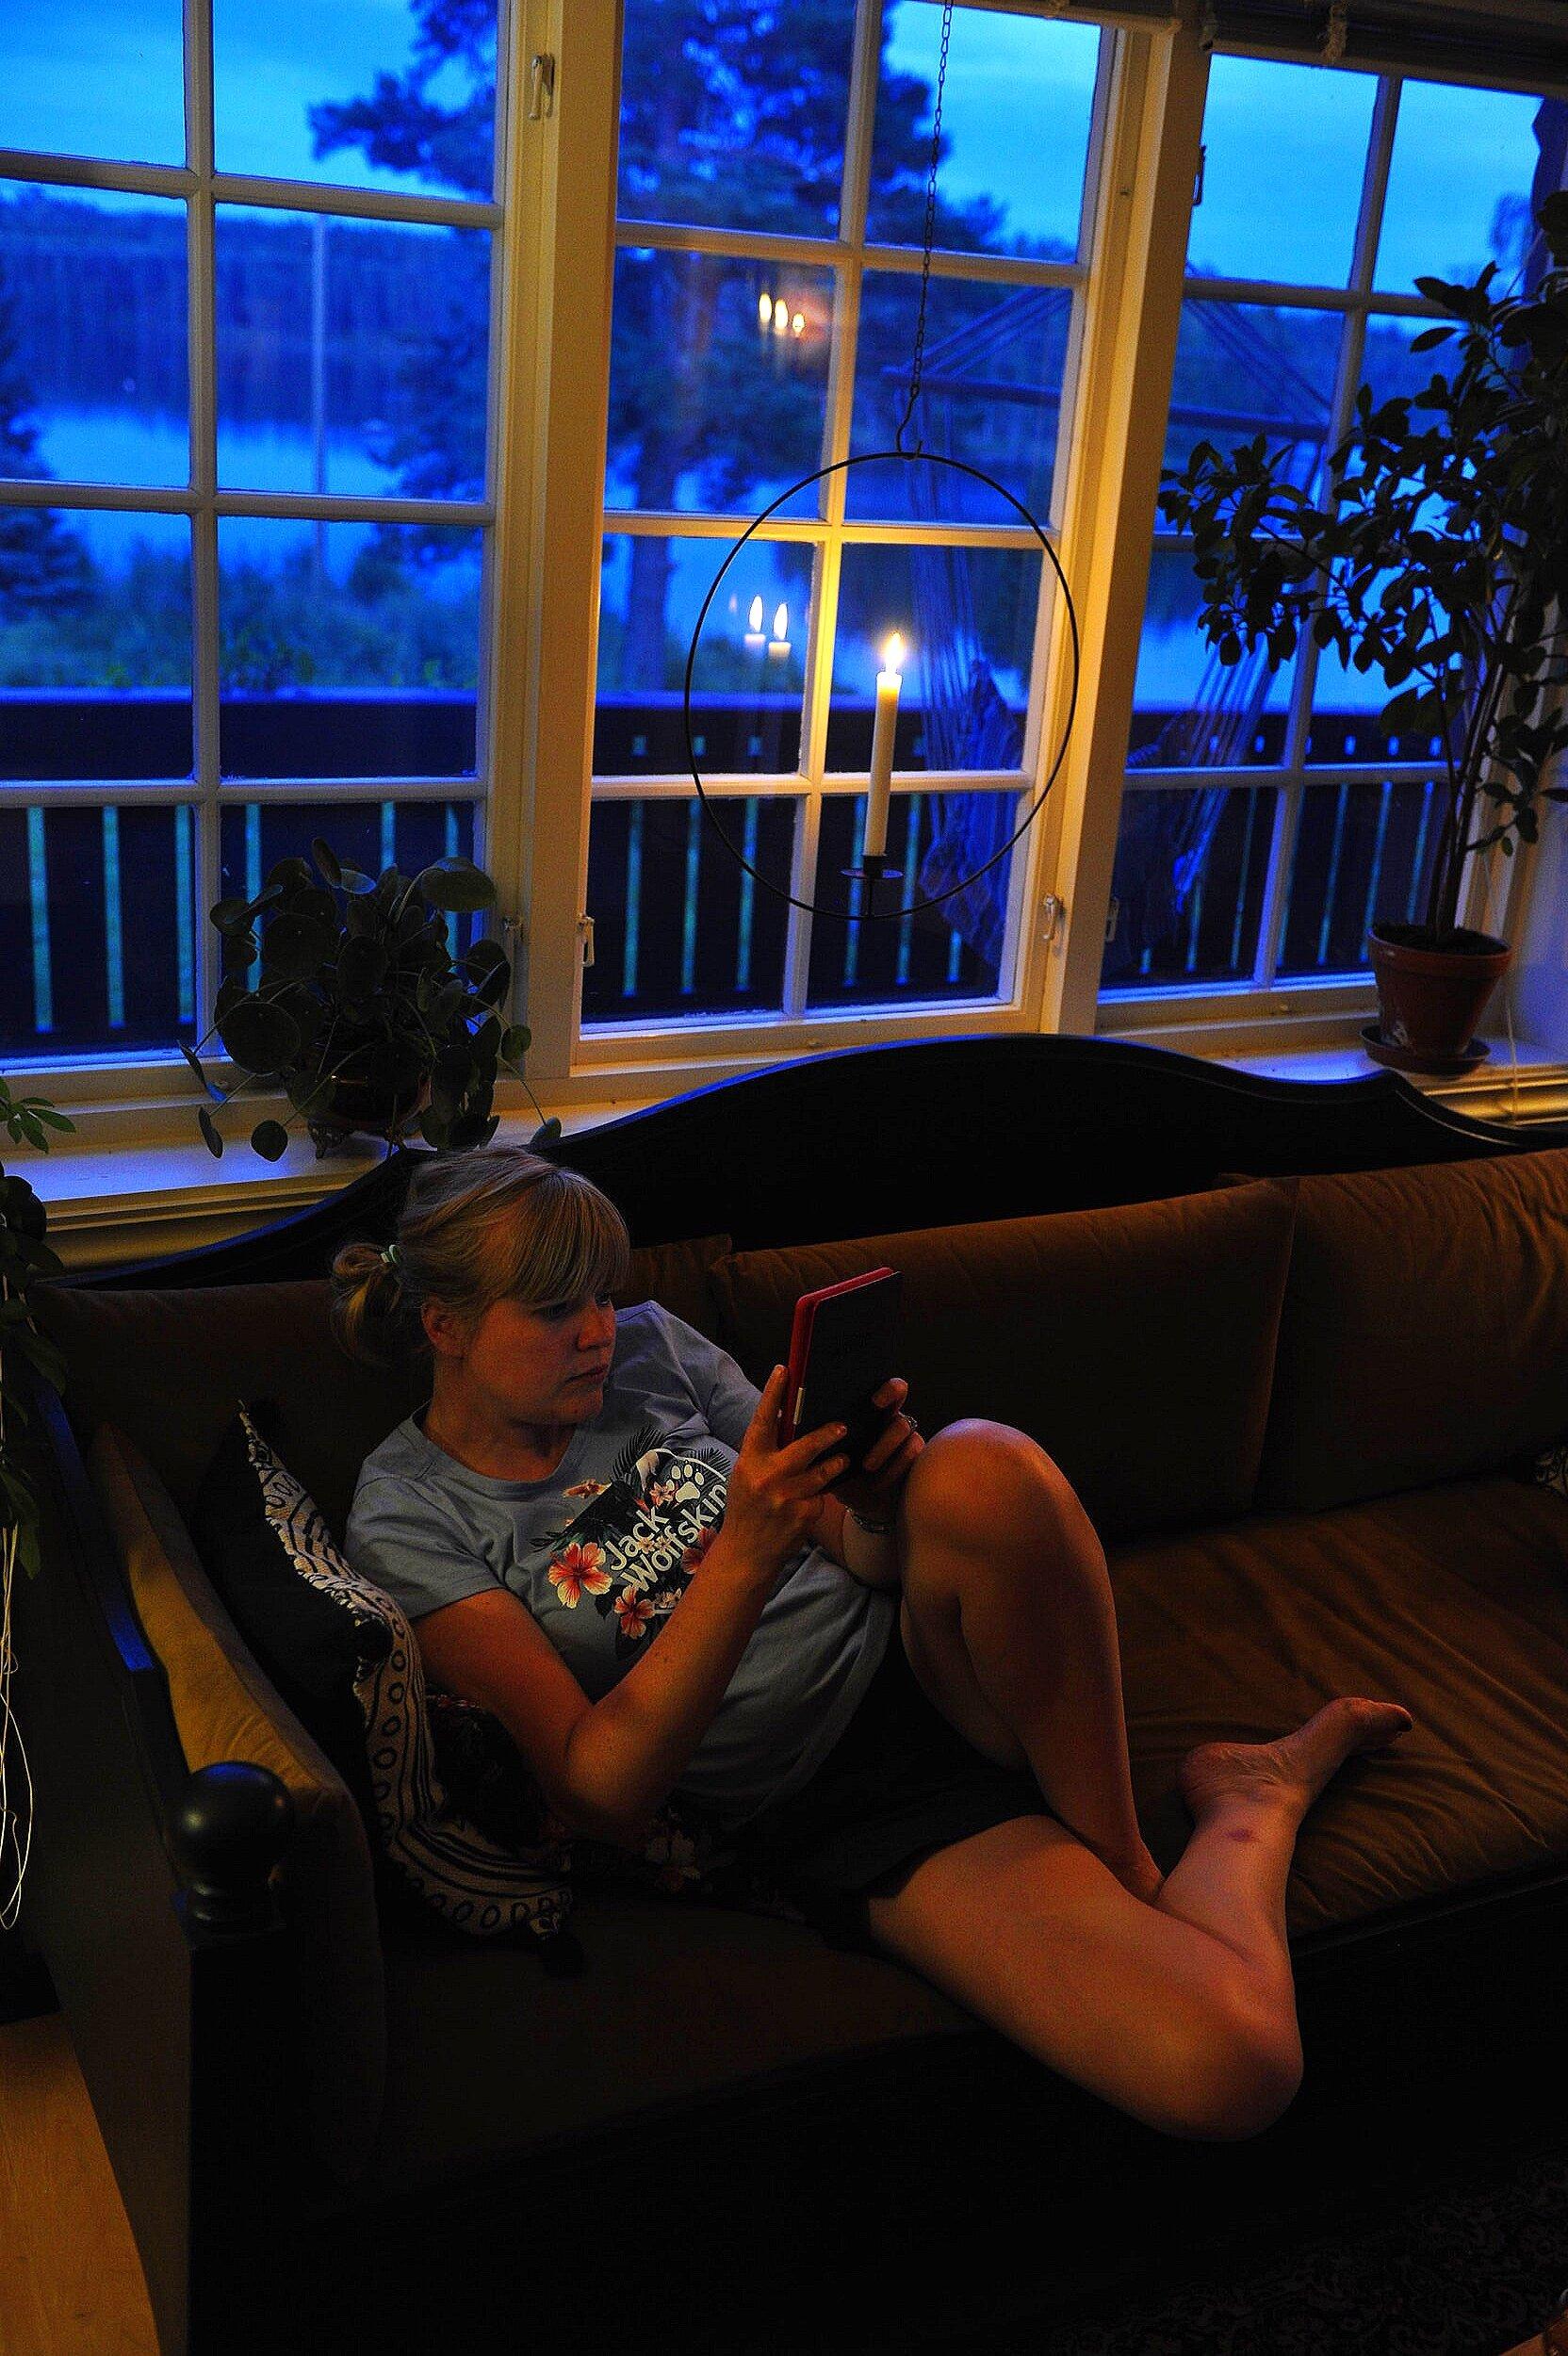 Met de Kindle in Zweden. Ook een scherm, maar dan minder schadelijk.